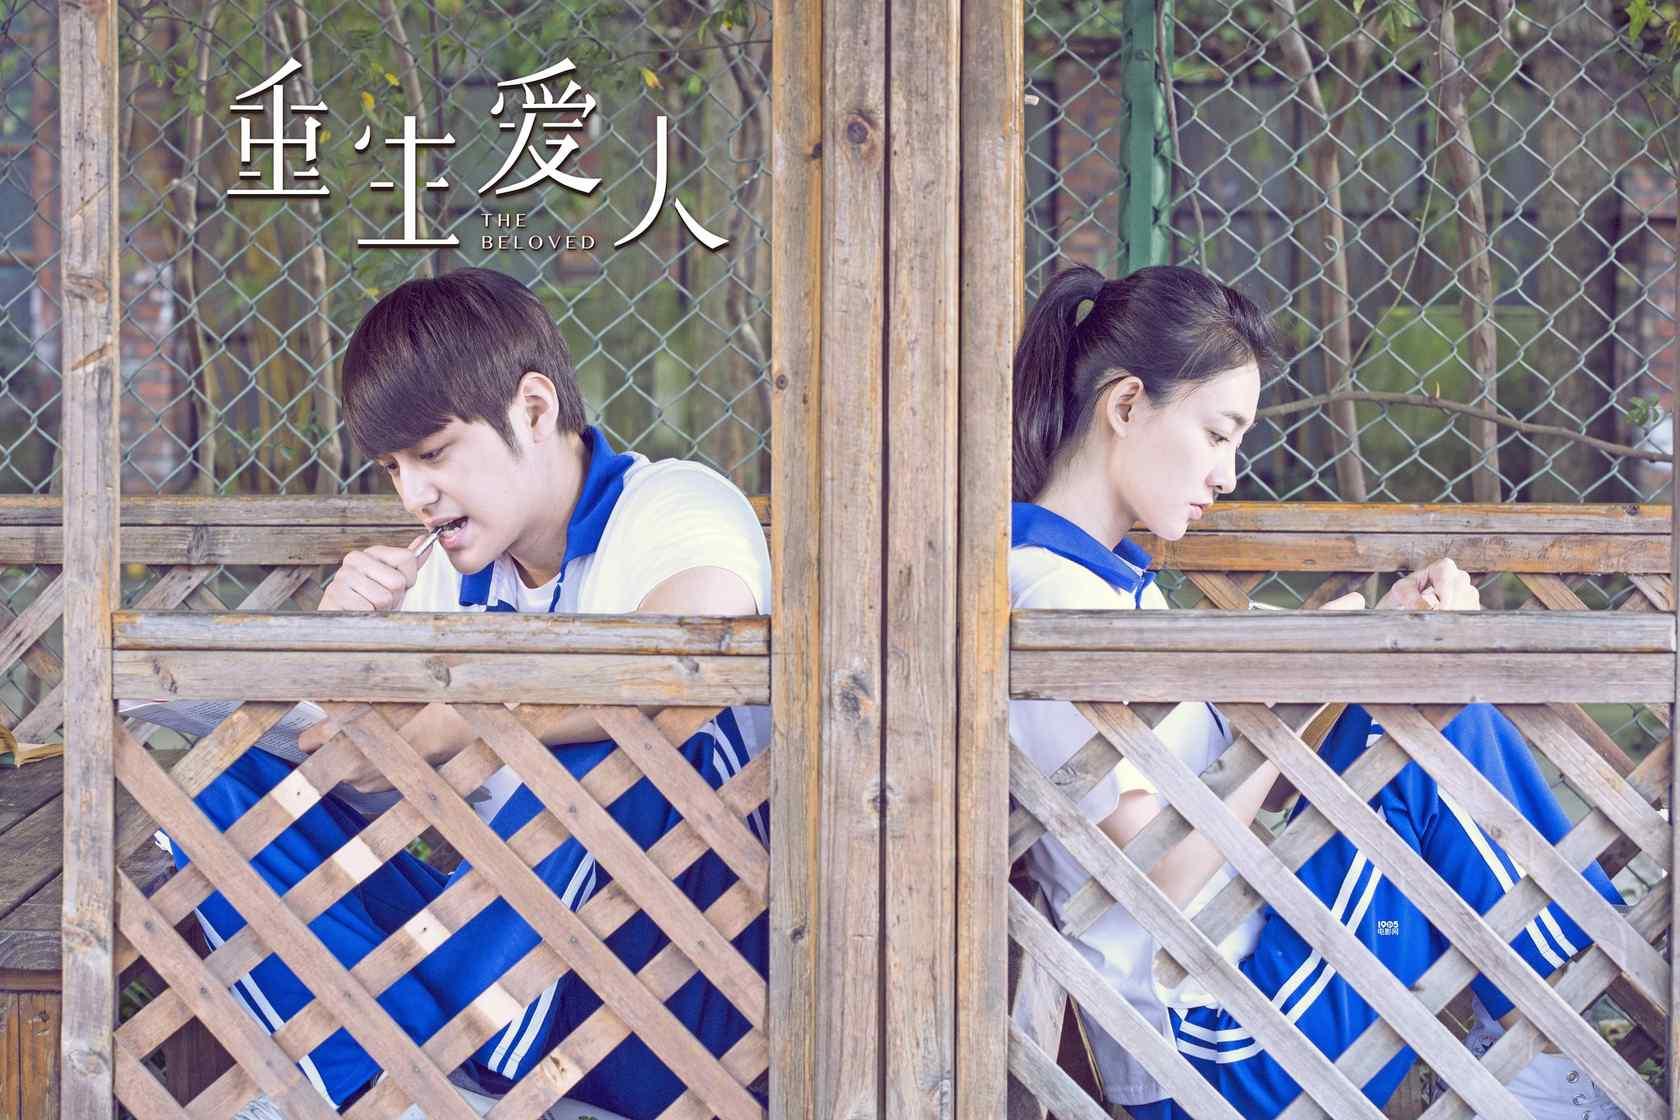 《重生高中》王丽坤高中生爱人剧照图片学校的怀化市造型图片